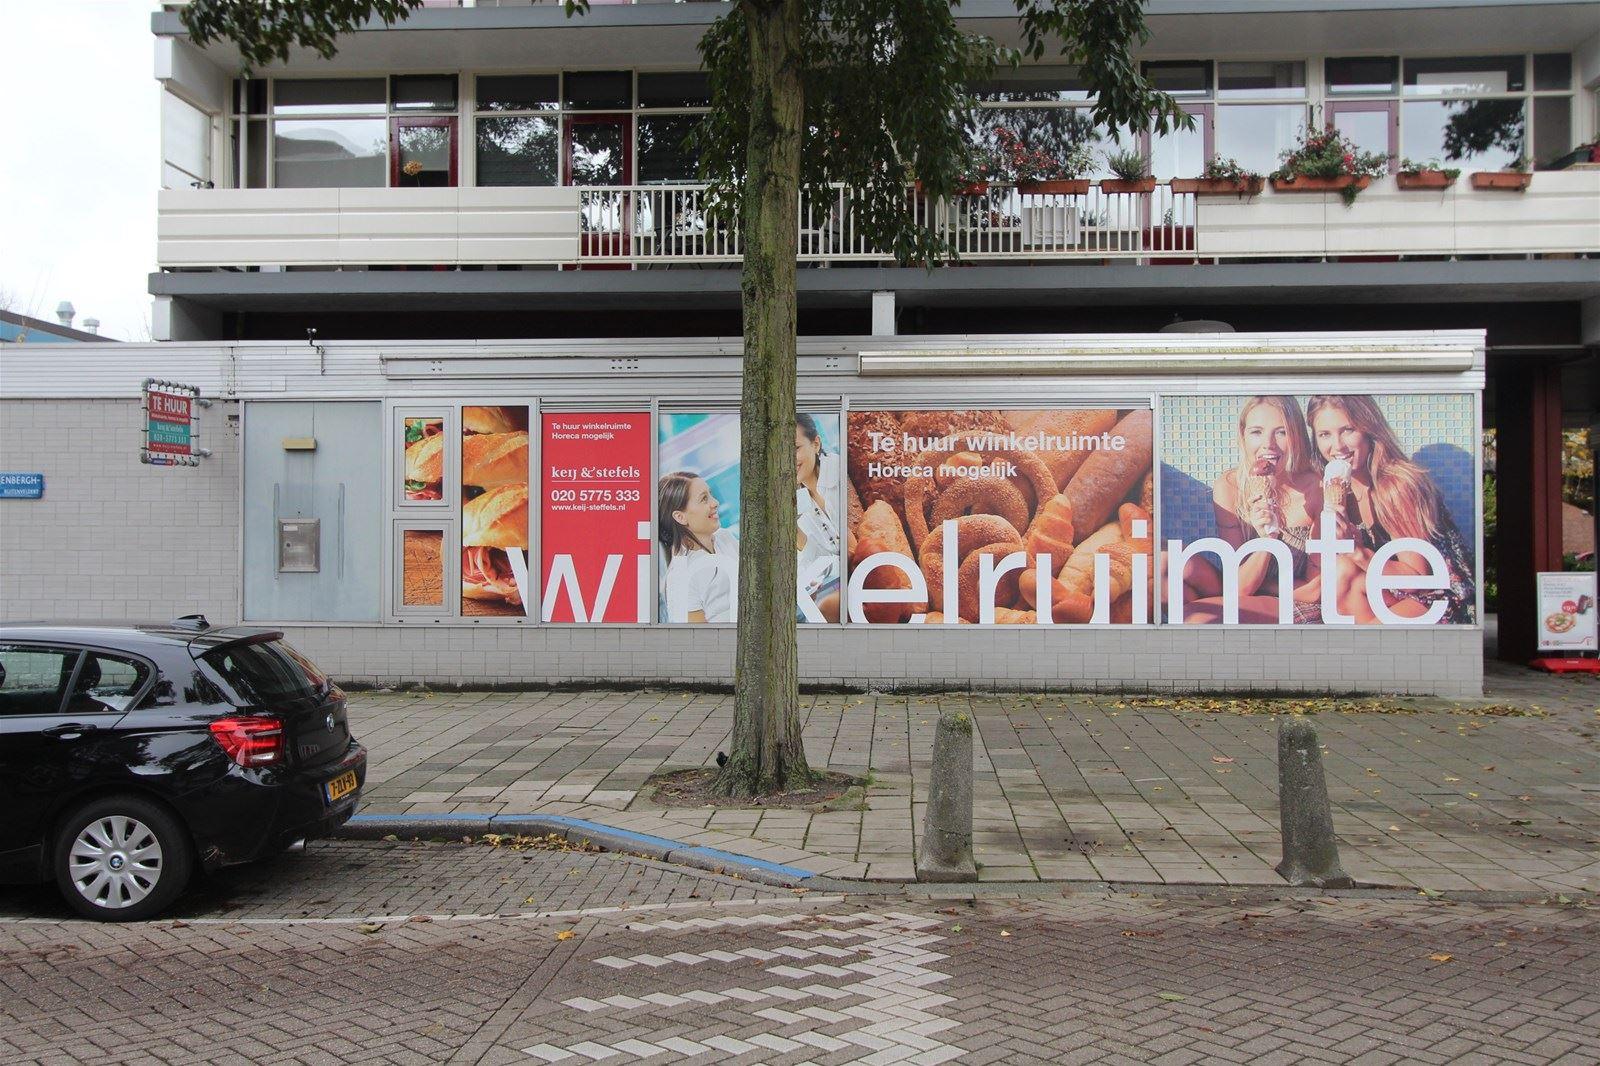 Amsterdam   Zoek verhuurd  Kastelenstraat 105   1082 EB Amsterdam [funda in business]